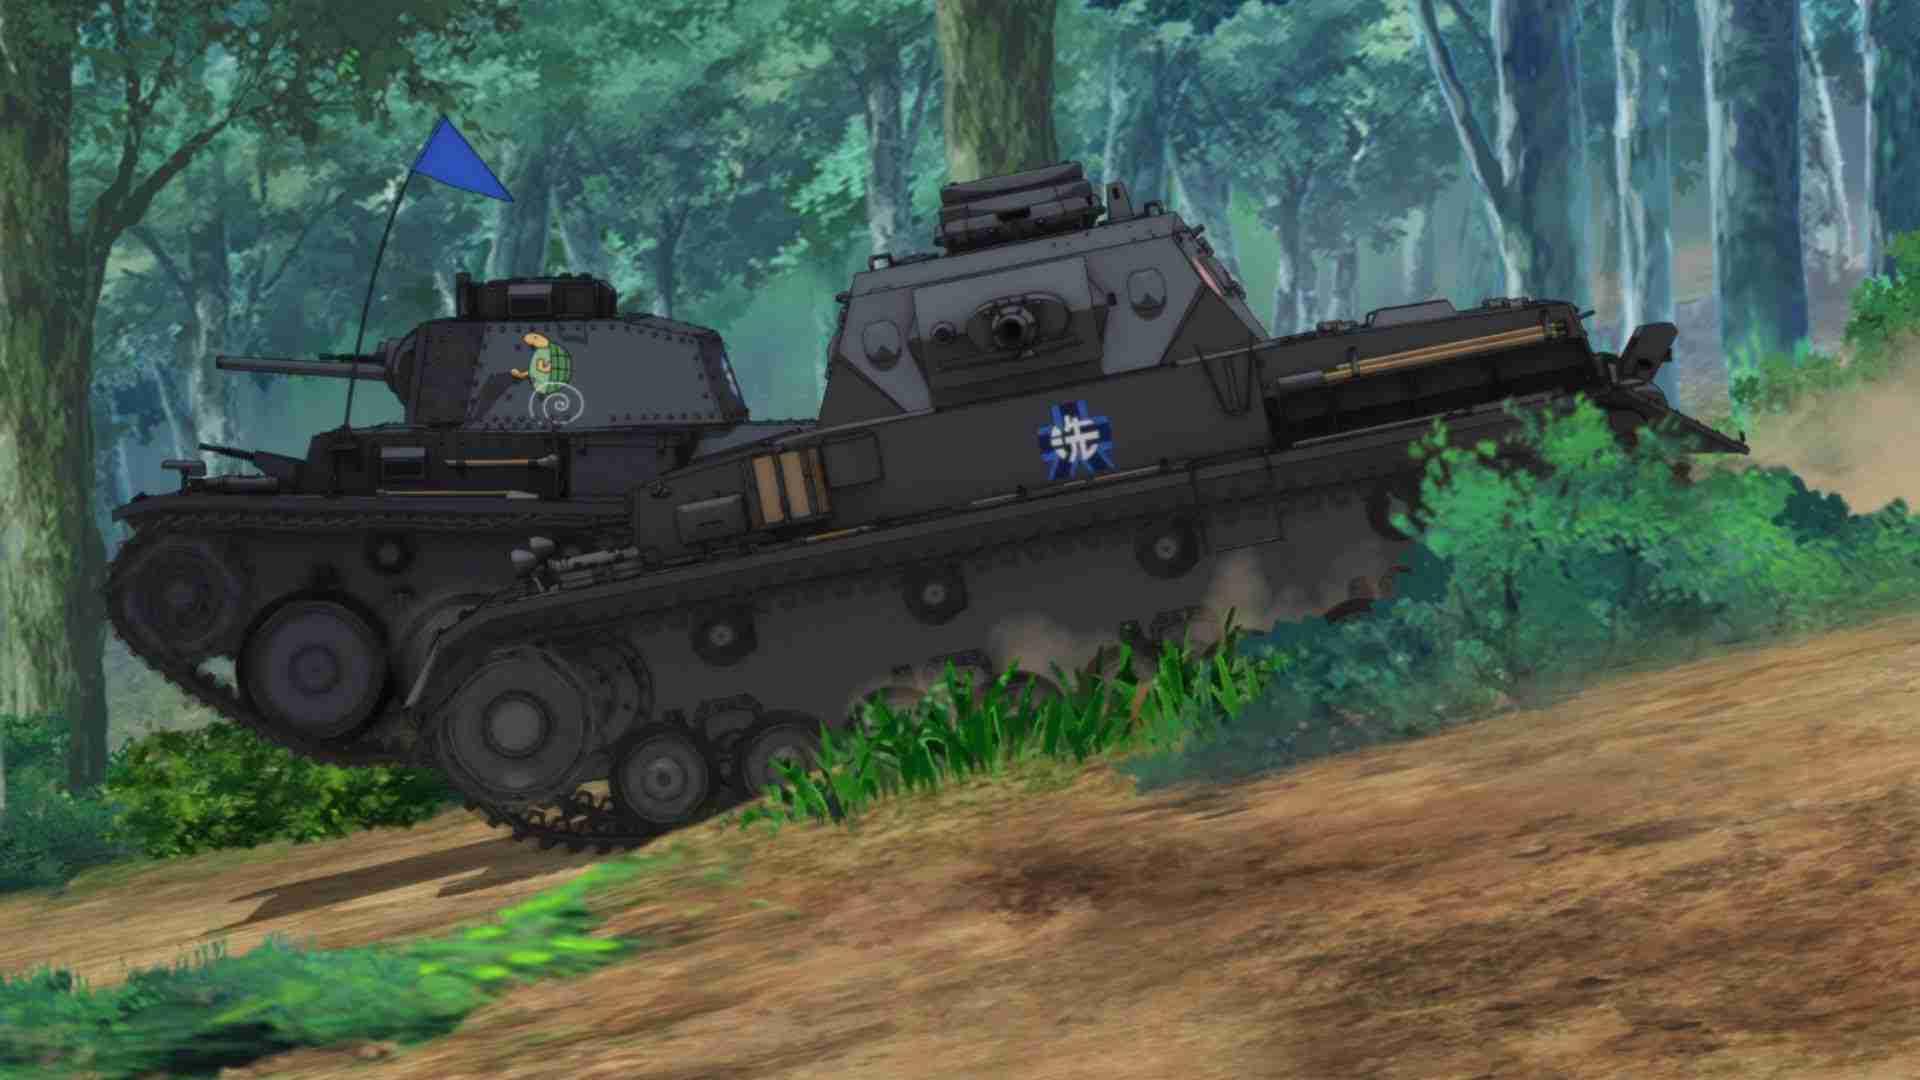 OVA「ガールズ&パンツァー これが本当のアンツィオ戦です!」劇場本予告 - YouTube